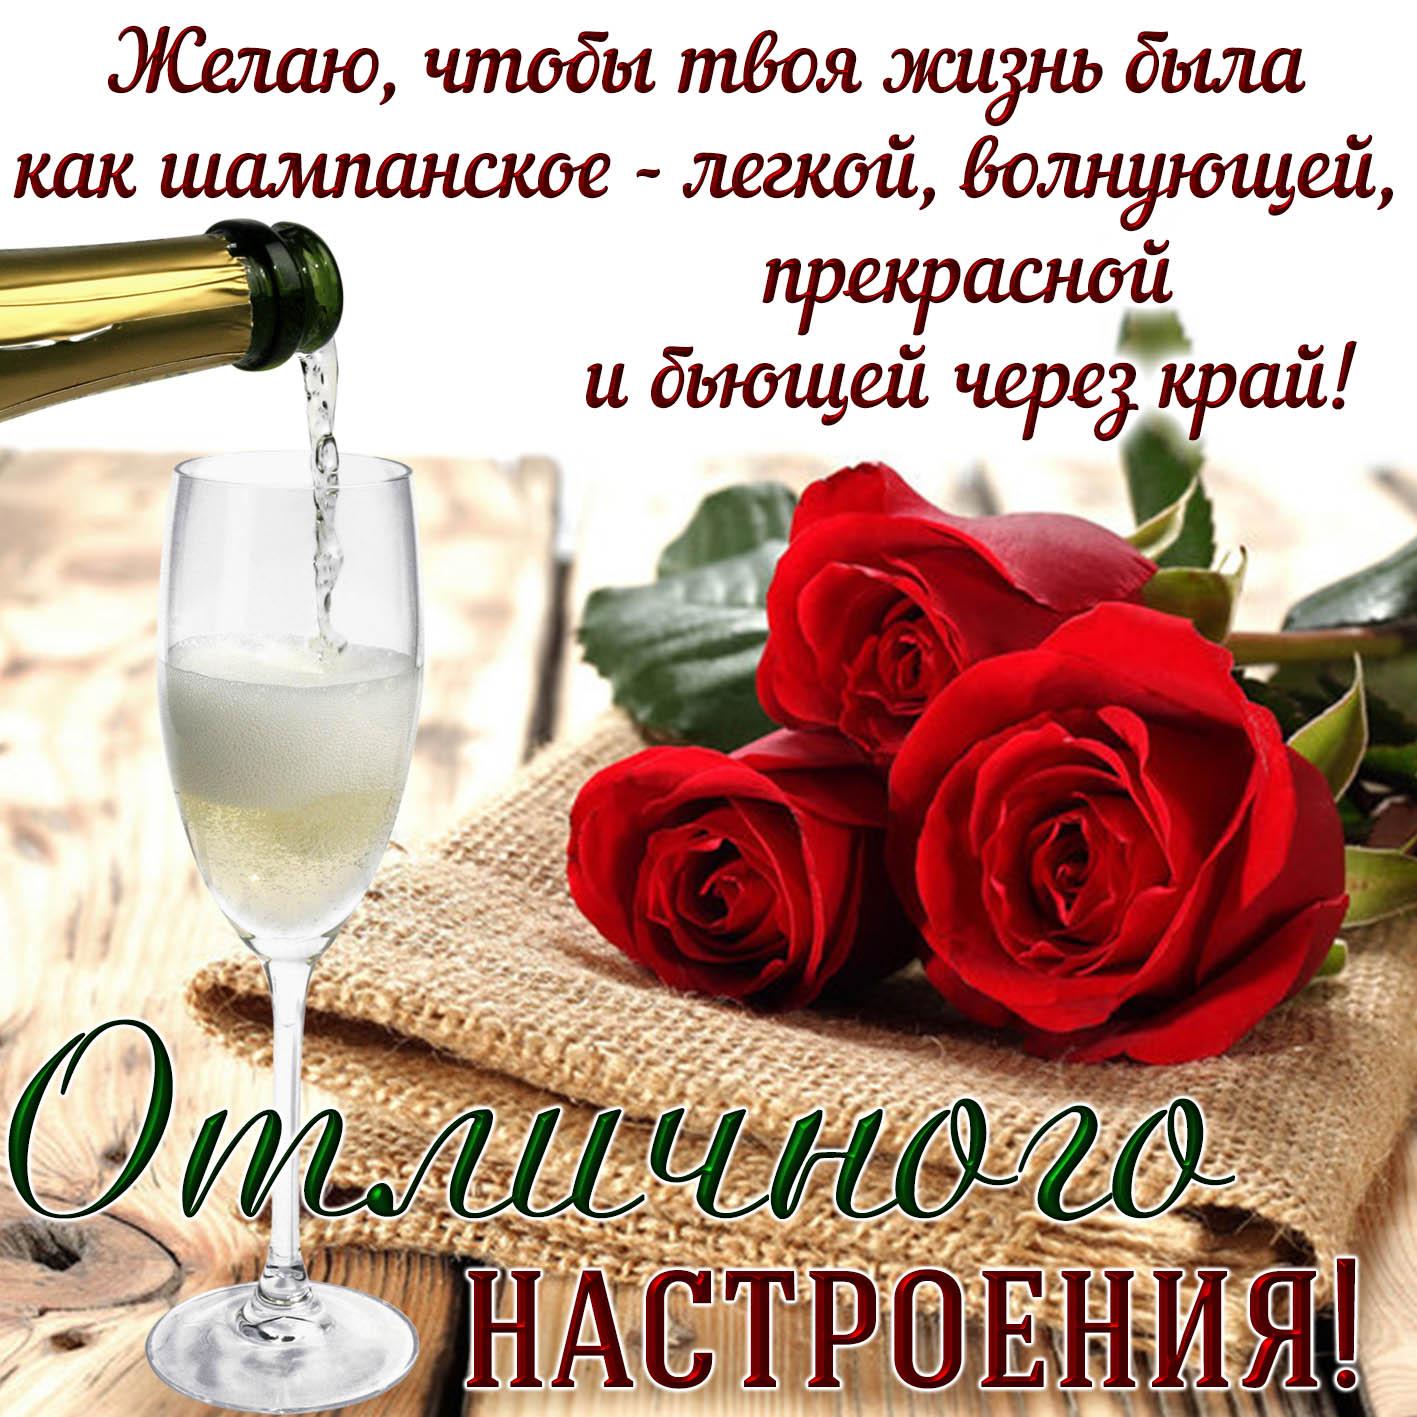 Картинка отличного настроения с красными розами и шампанским